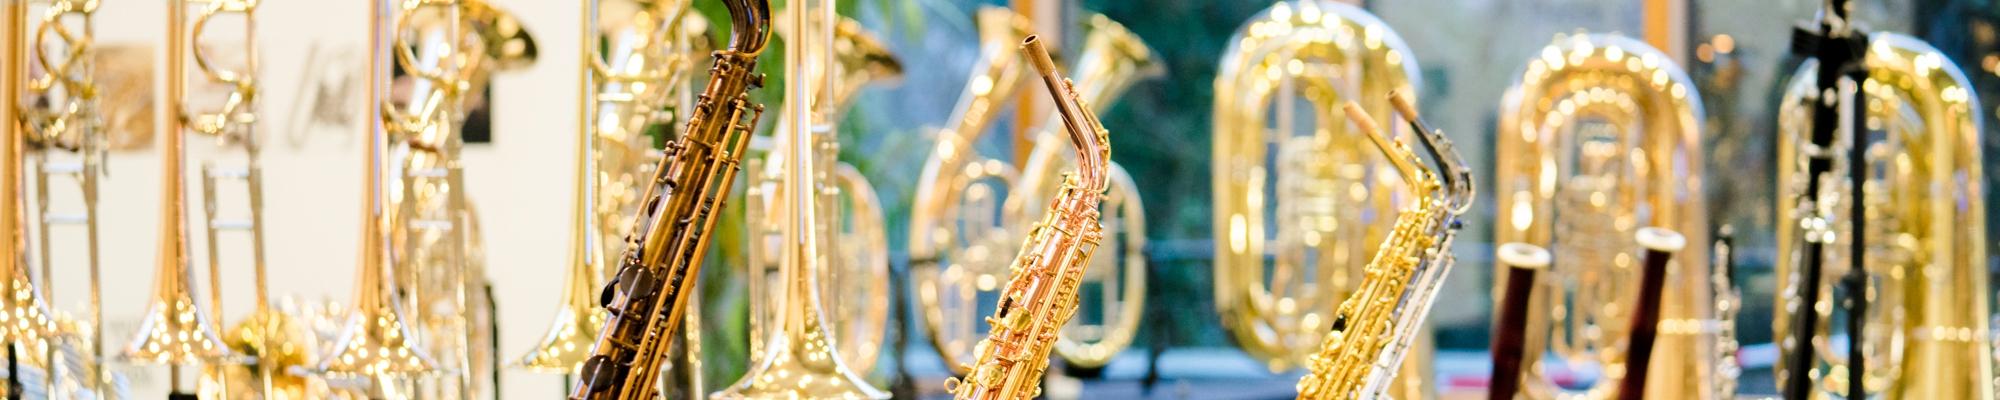 Noten- und Instrumentenausstellung